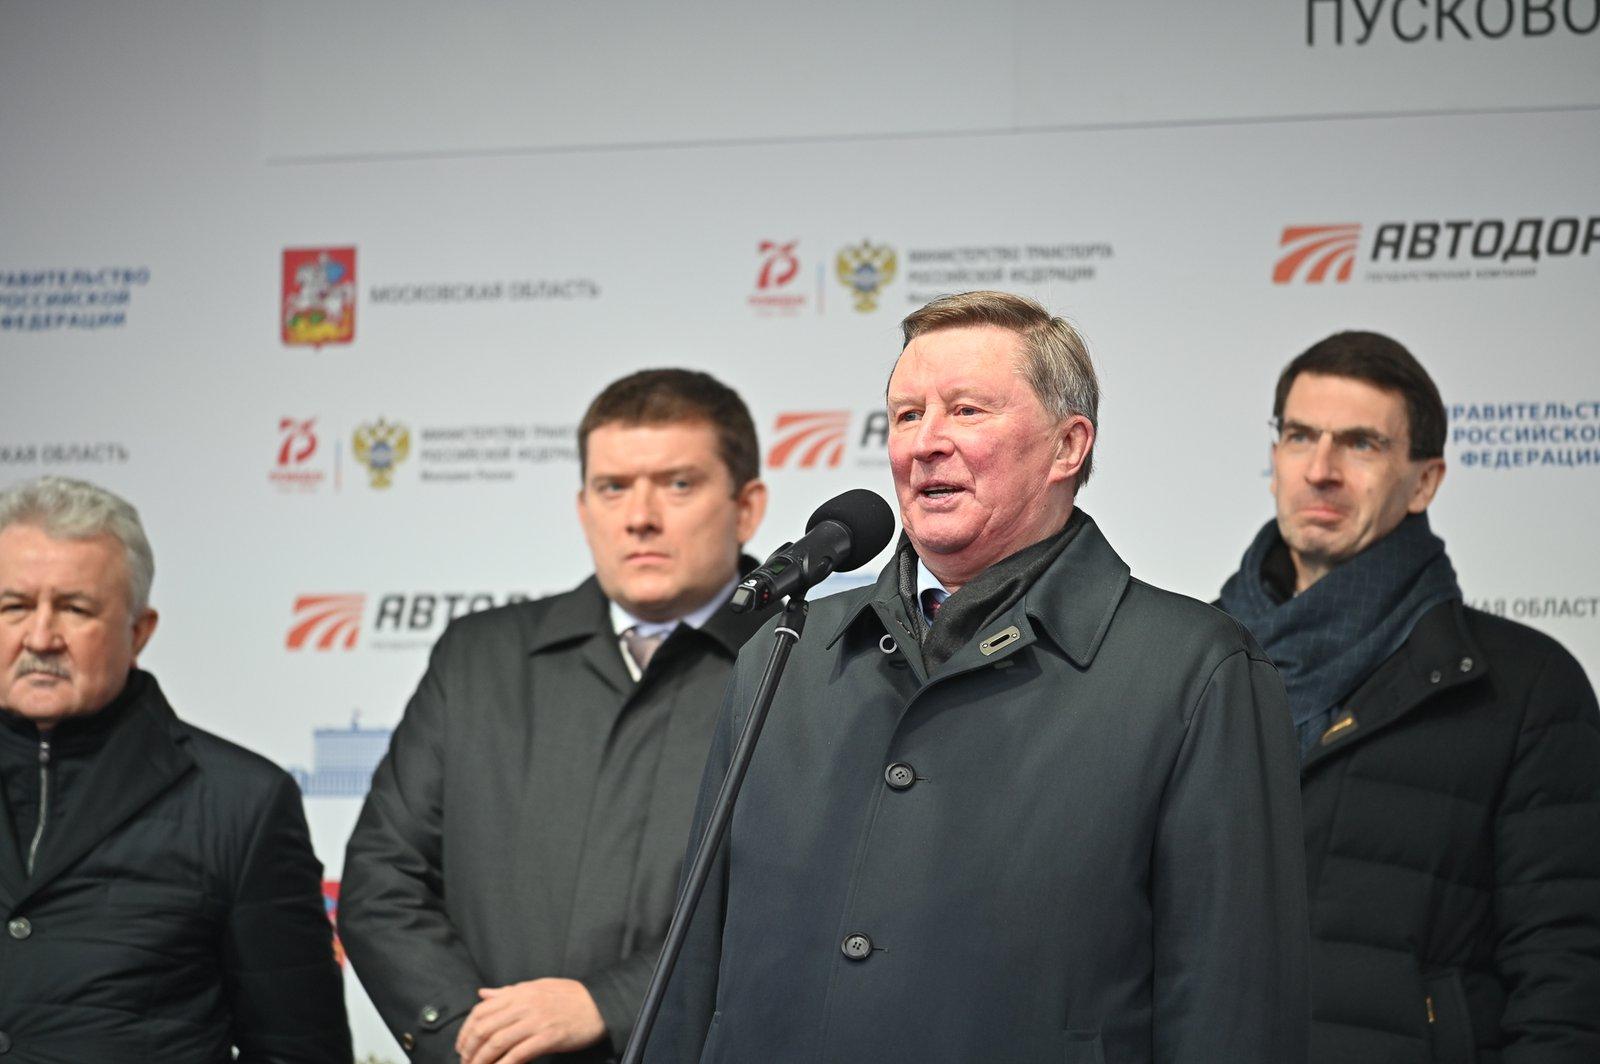 Андрей Воробьев губернатор московской области - ЦКАД-3 запущен. Почему проект важен для всей страны